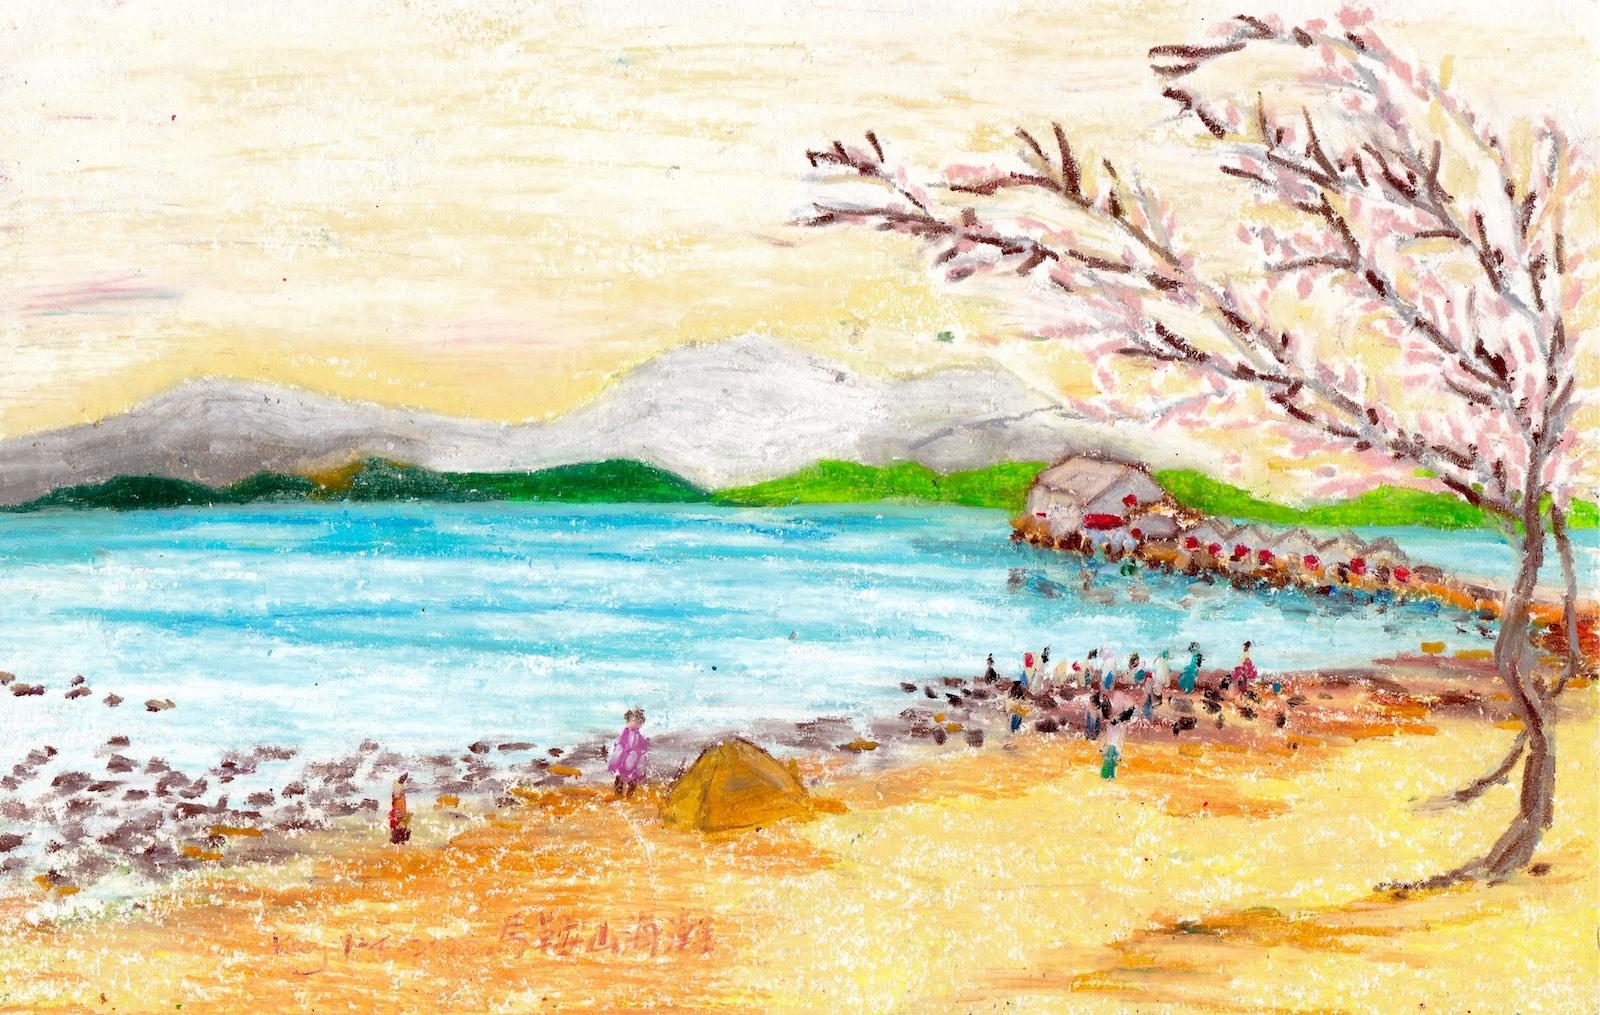 《馬鞍山海灘(油粉彩)》(課堂示範)油粉彩 29cm x 18.5cm 1-4-2020